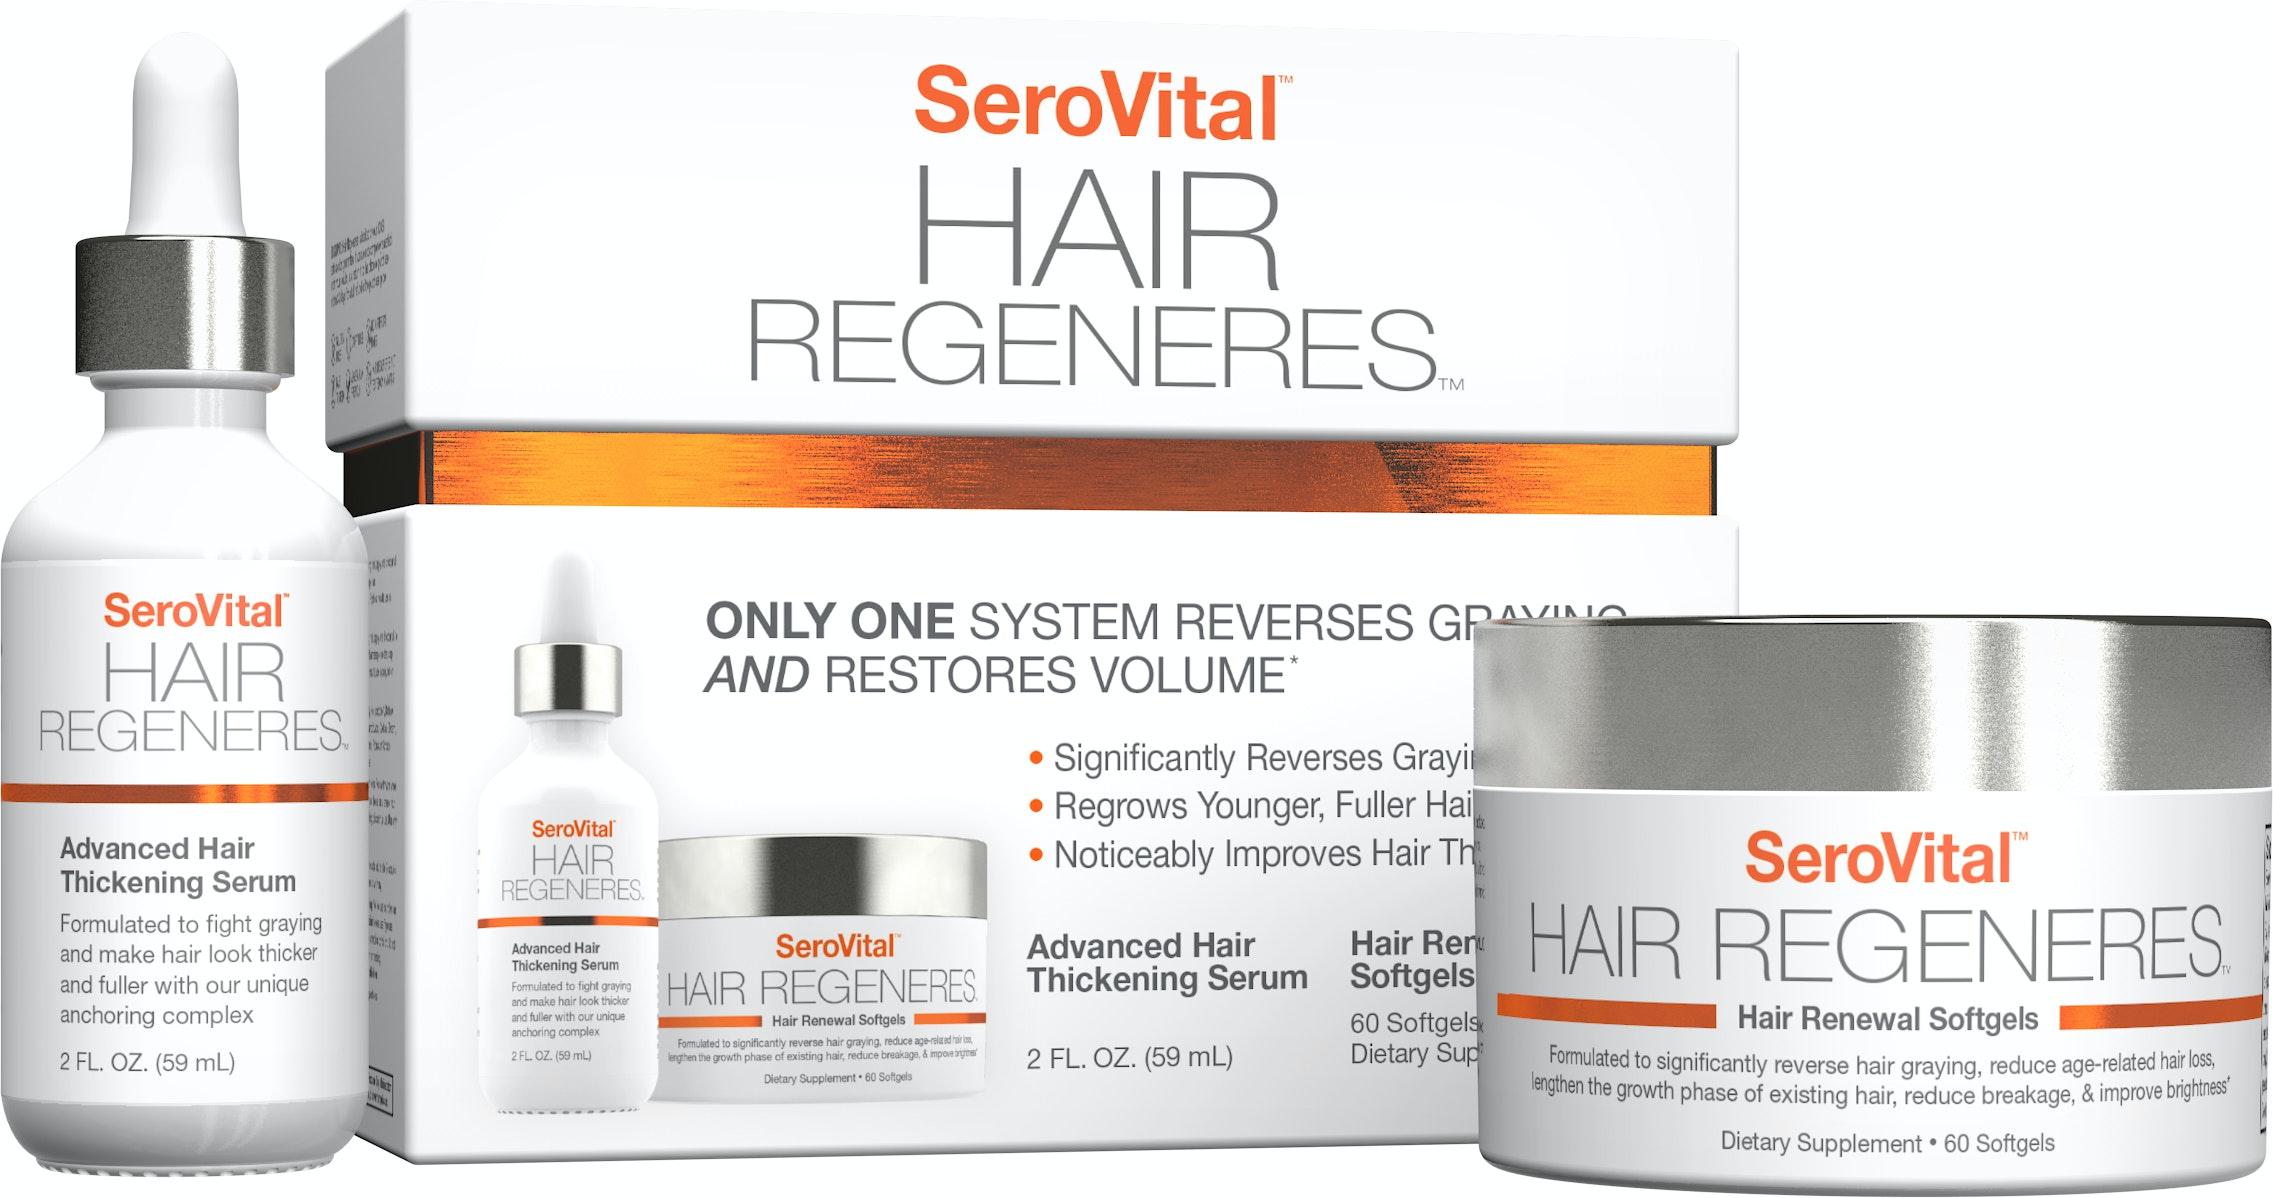 SeroVital Hair Regeneres sweepstakes